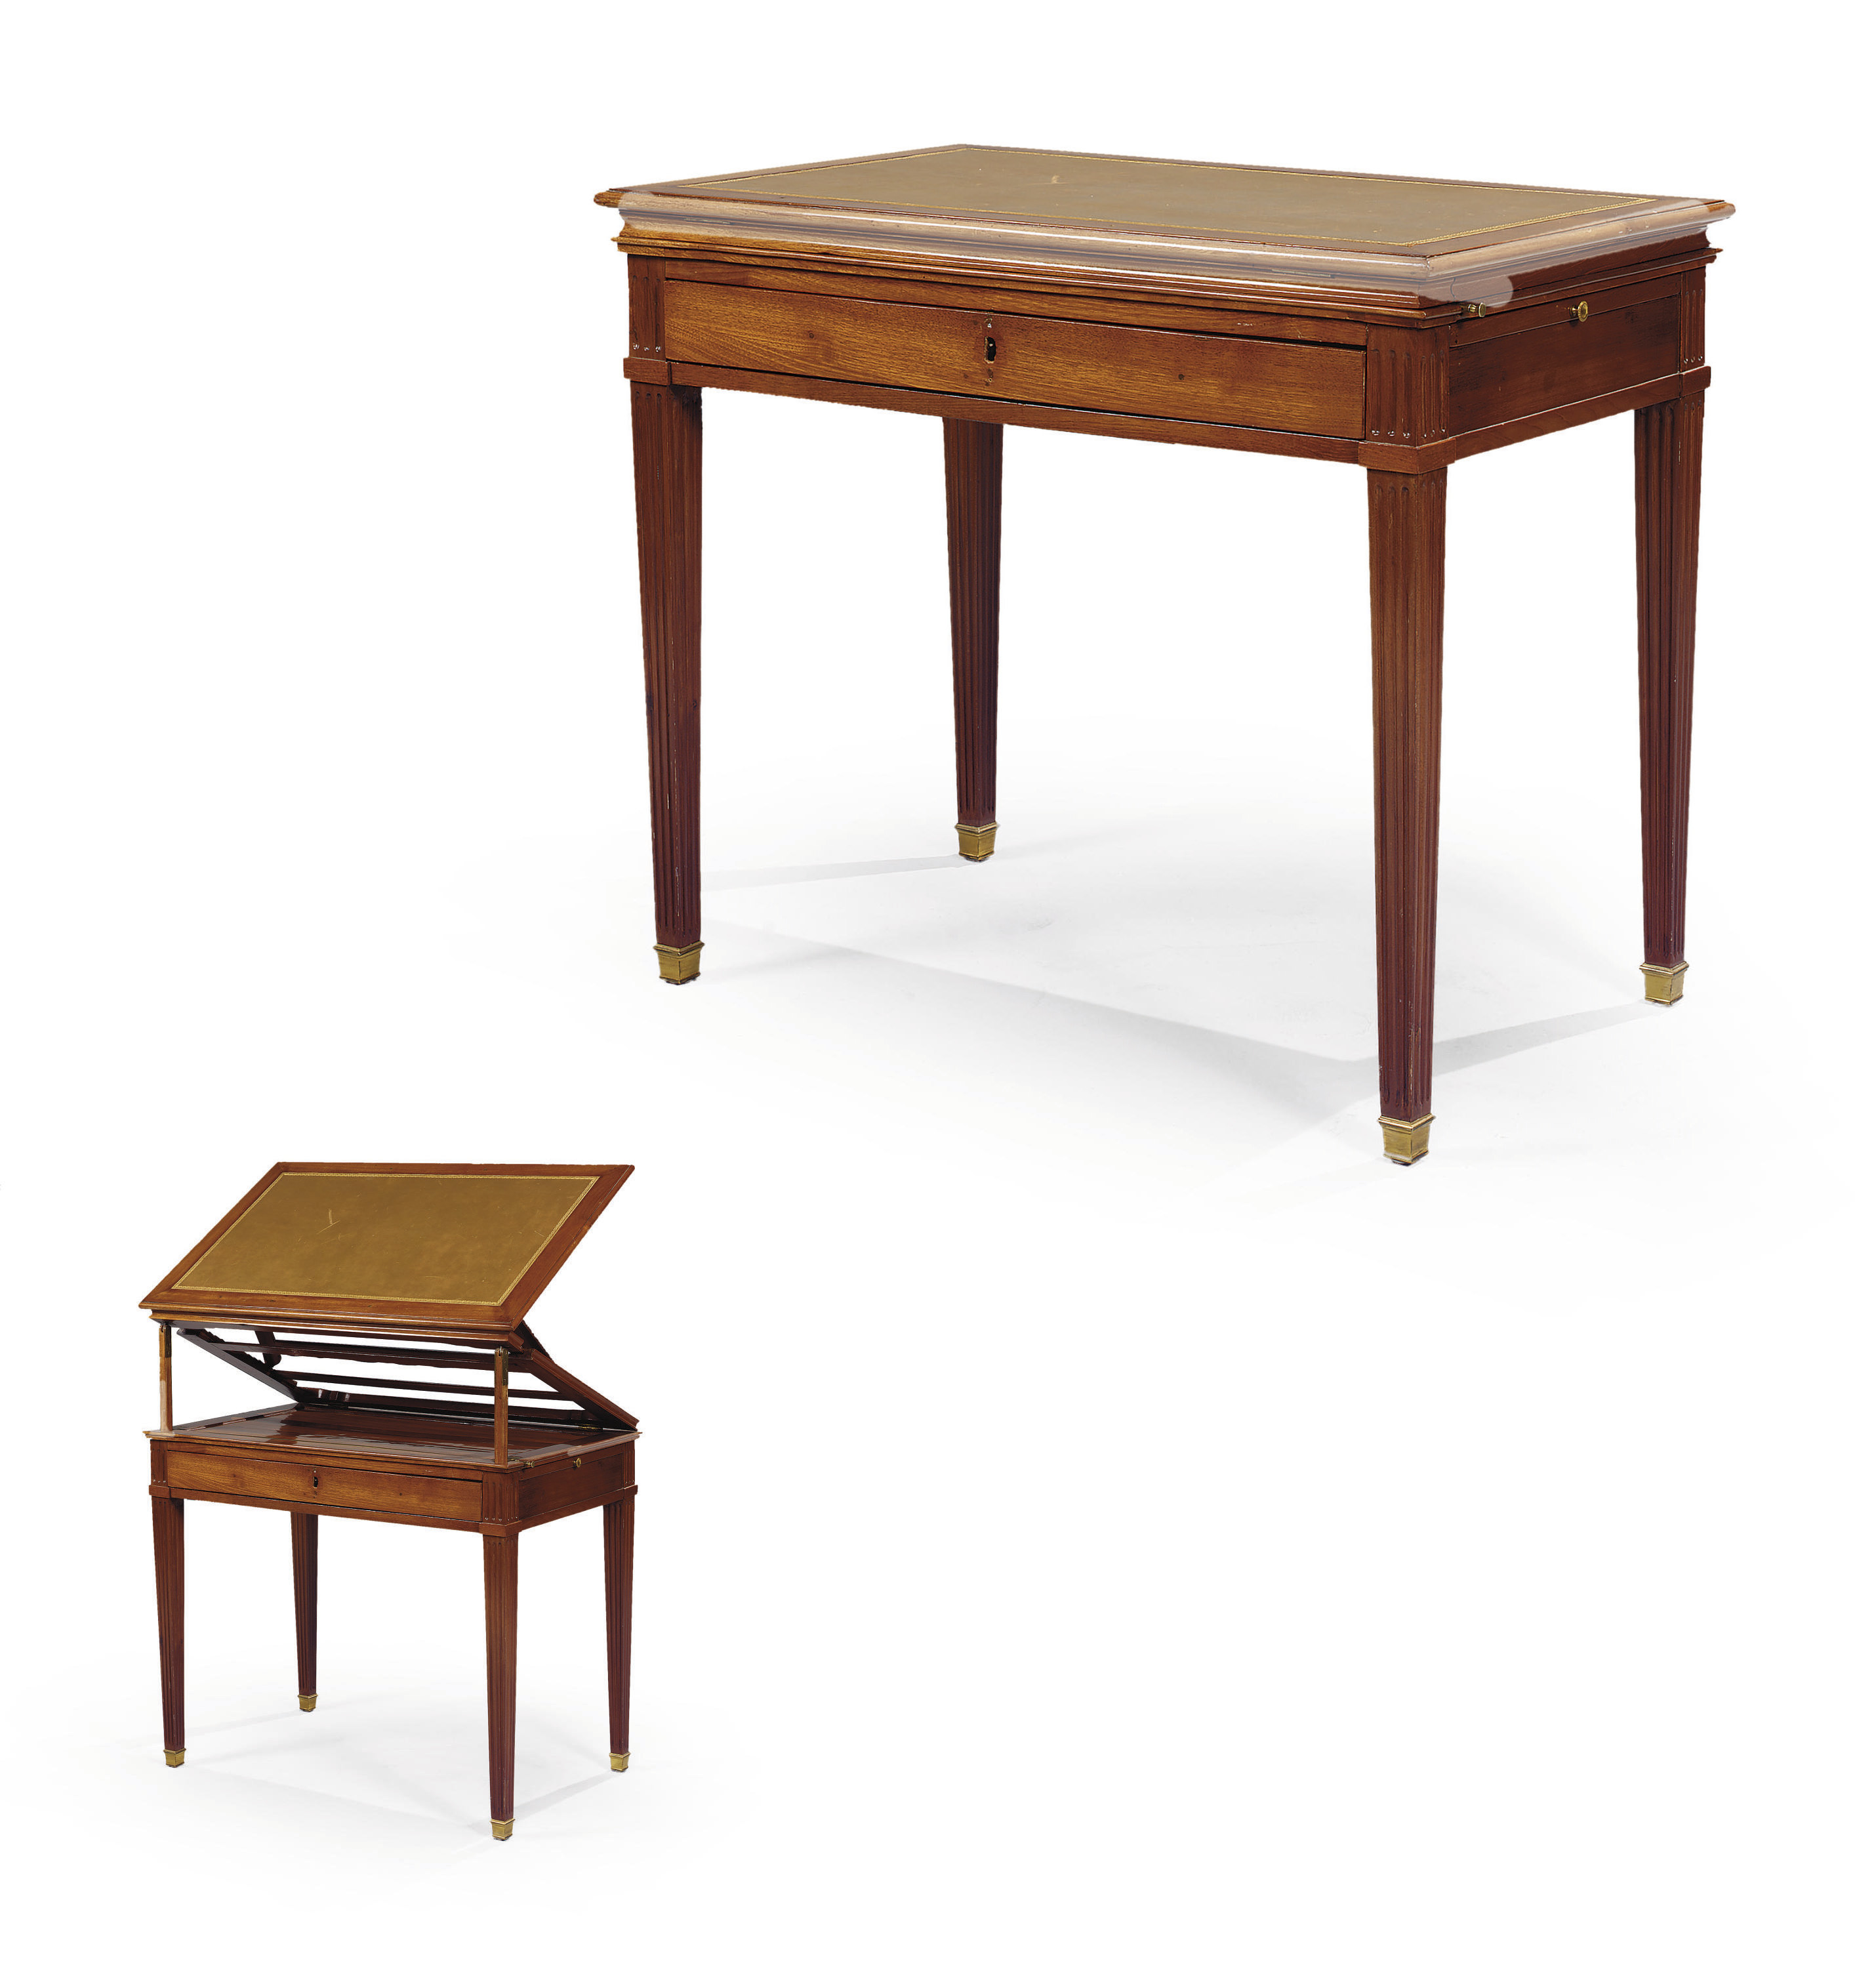 TABLE A LA TRONCHIN D'EPOQUE L